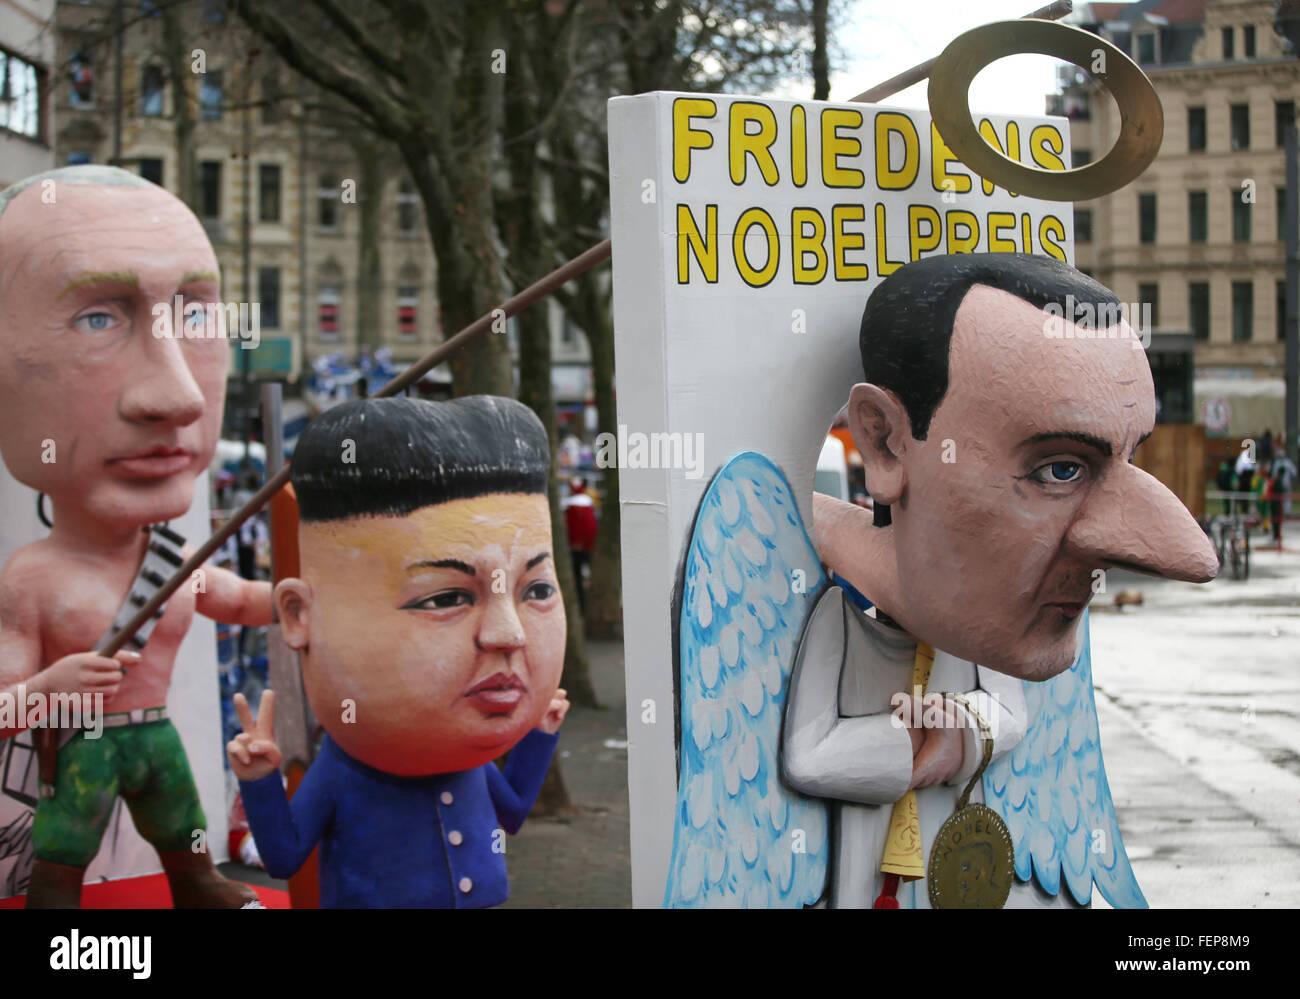 Karnevalisten ziehen am Rosenmontag (08.02.2016) mit dem Motivwagen «Friedensnobelpreis» und den Abbildungen - Stock Image